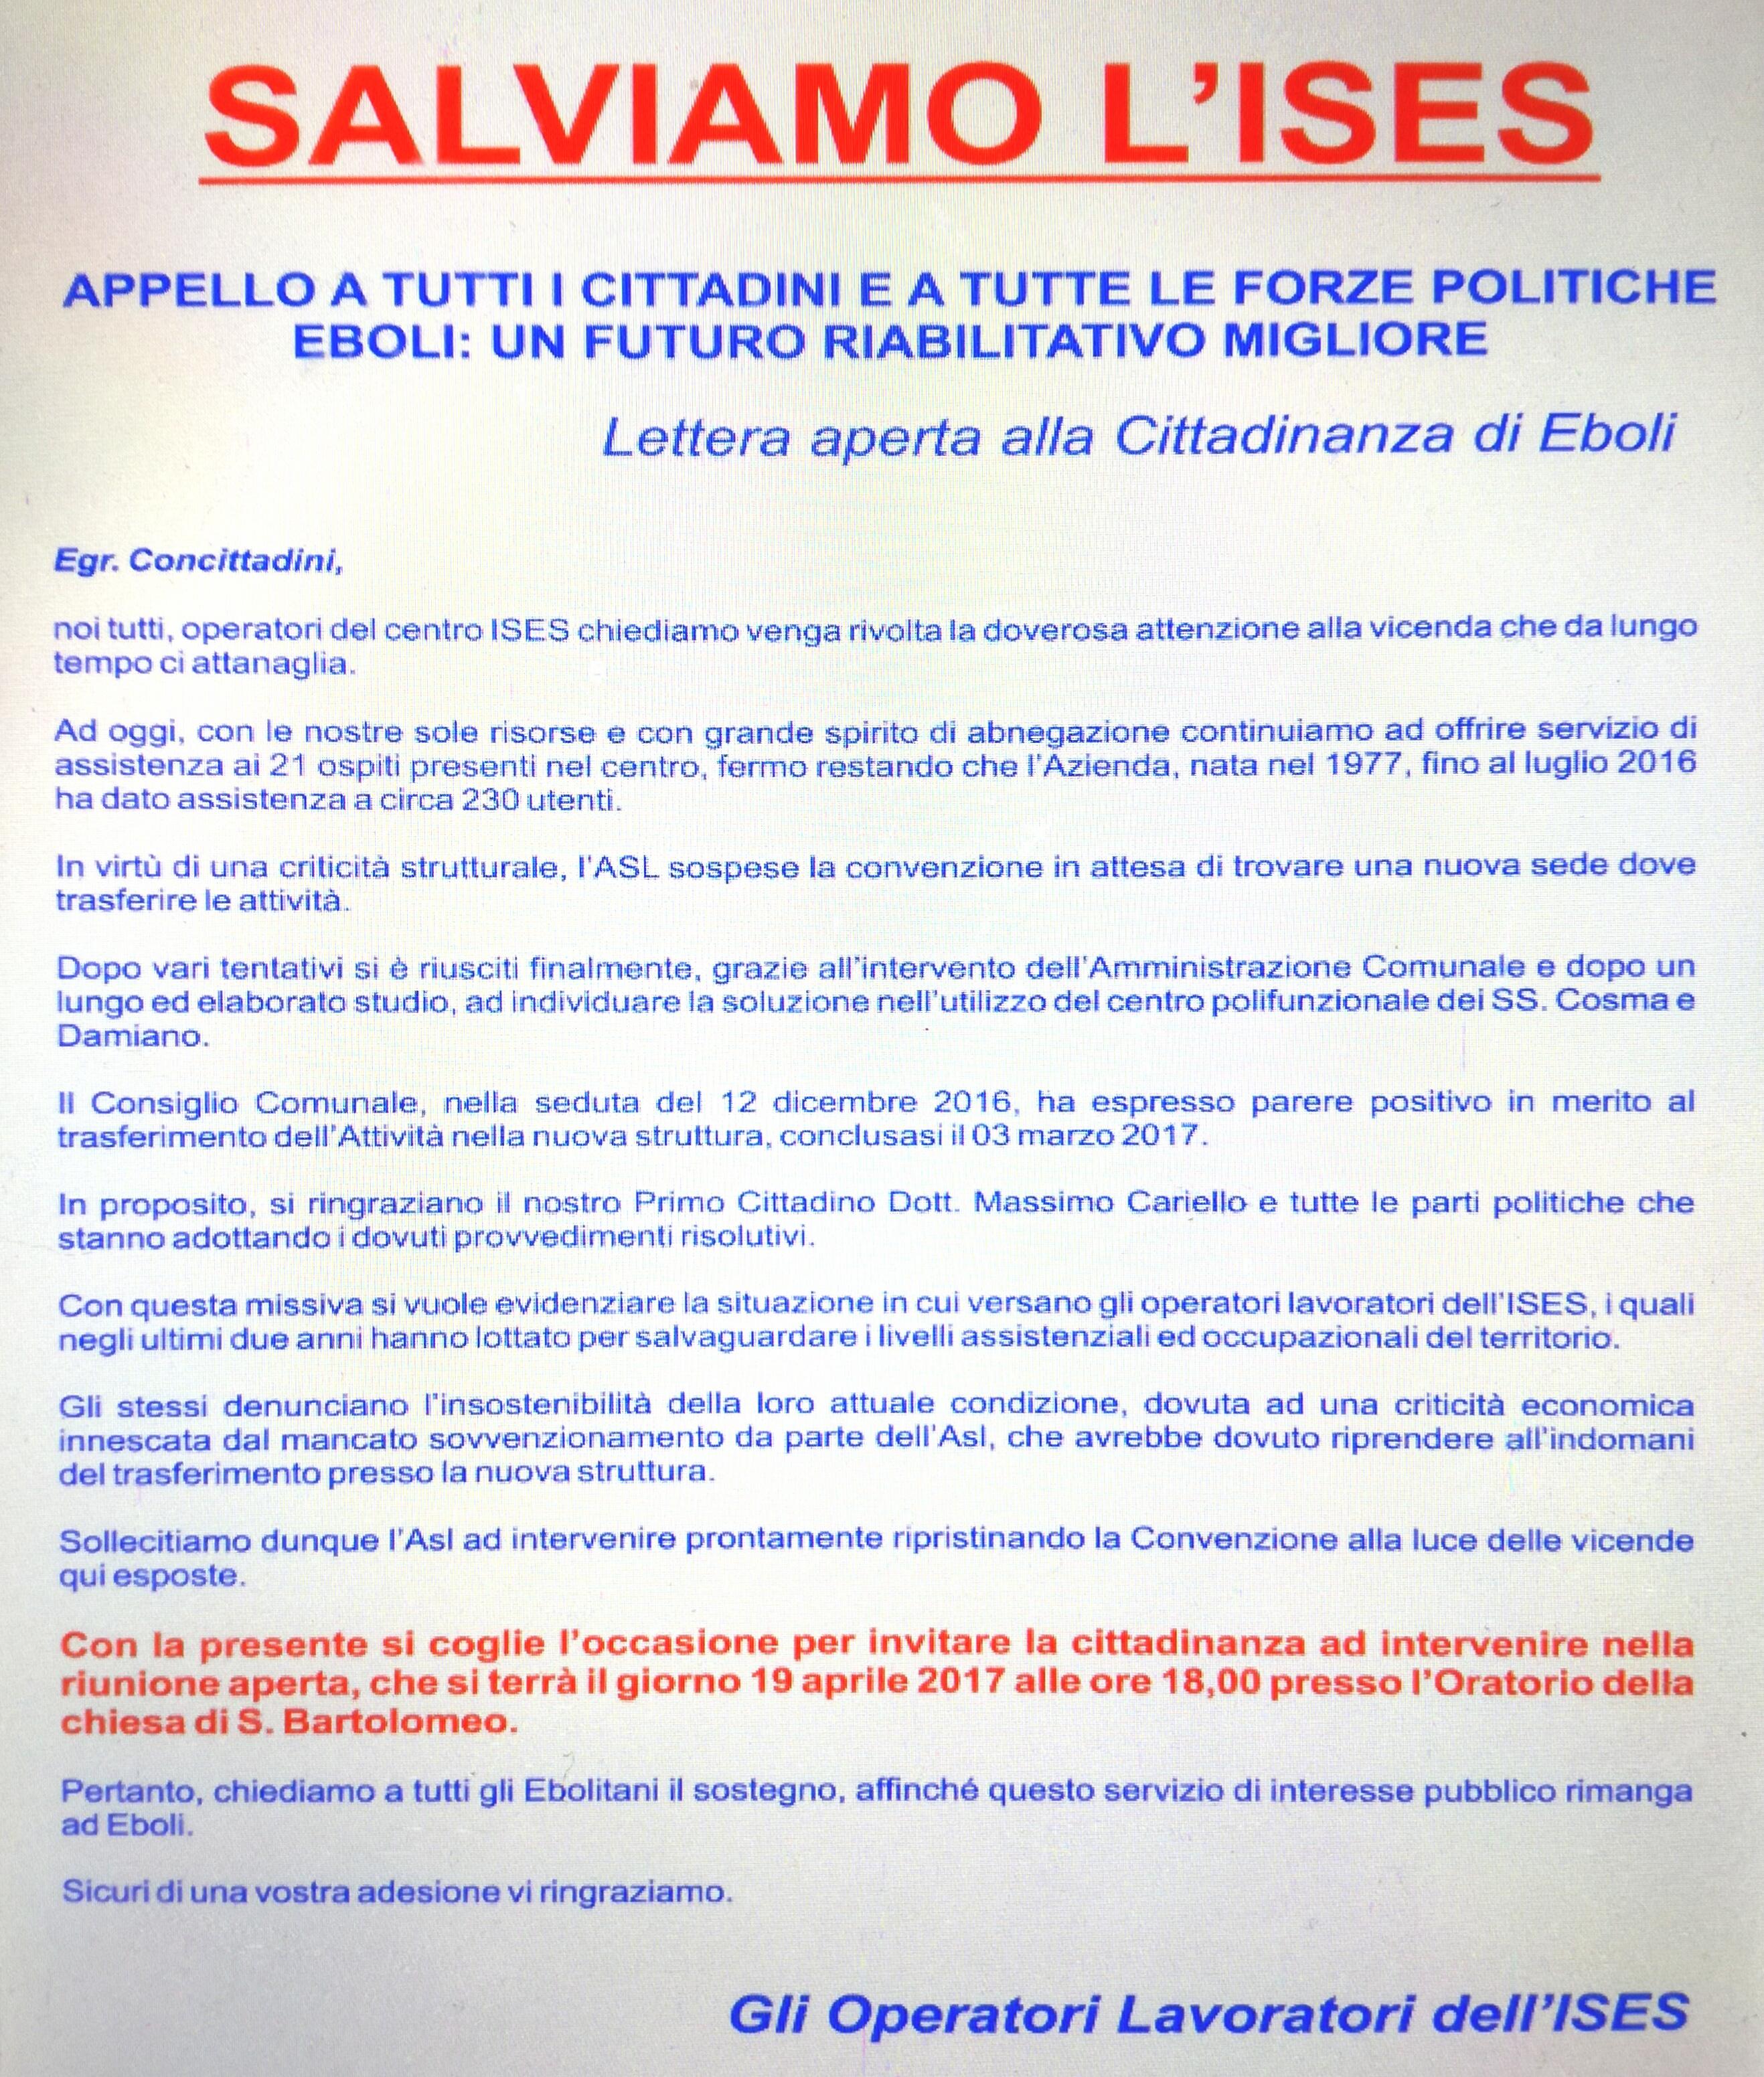 Lettera aperta dell'ISES agli ebolitani